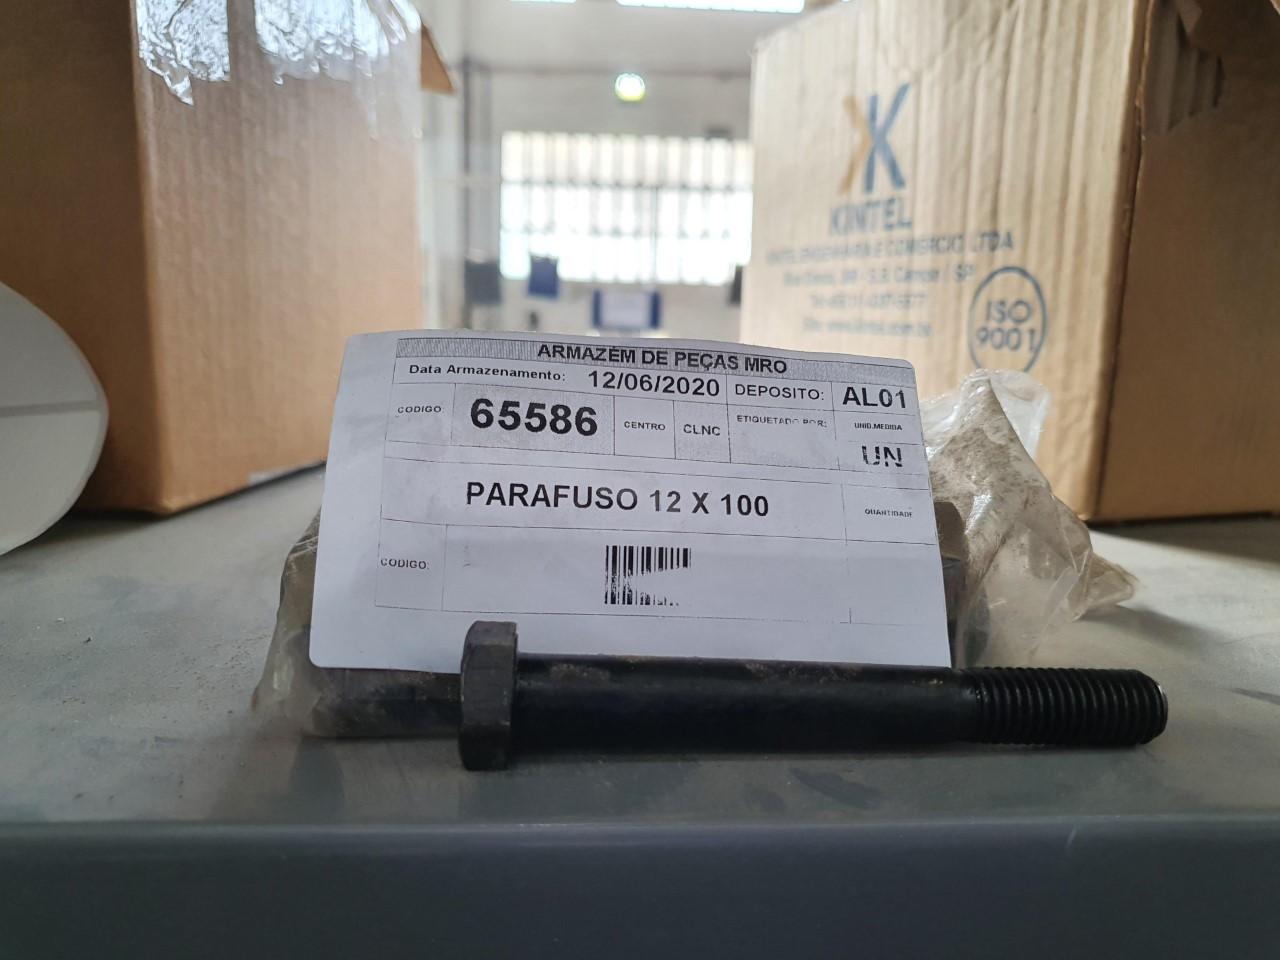 Parafuso 12 x 100 aprox. 40 unidades